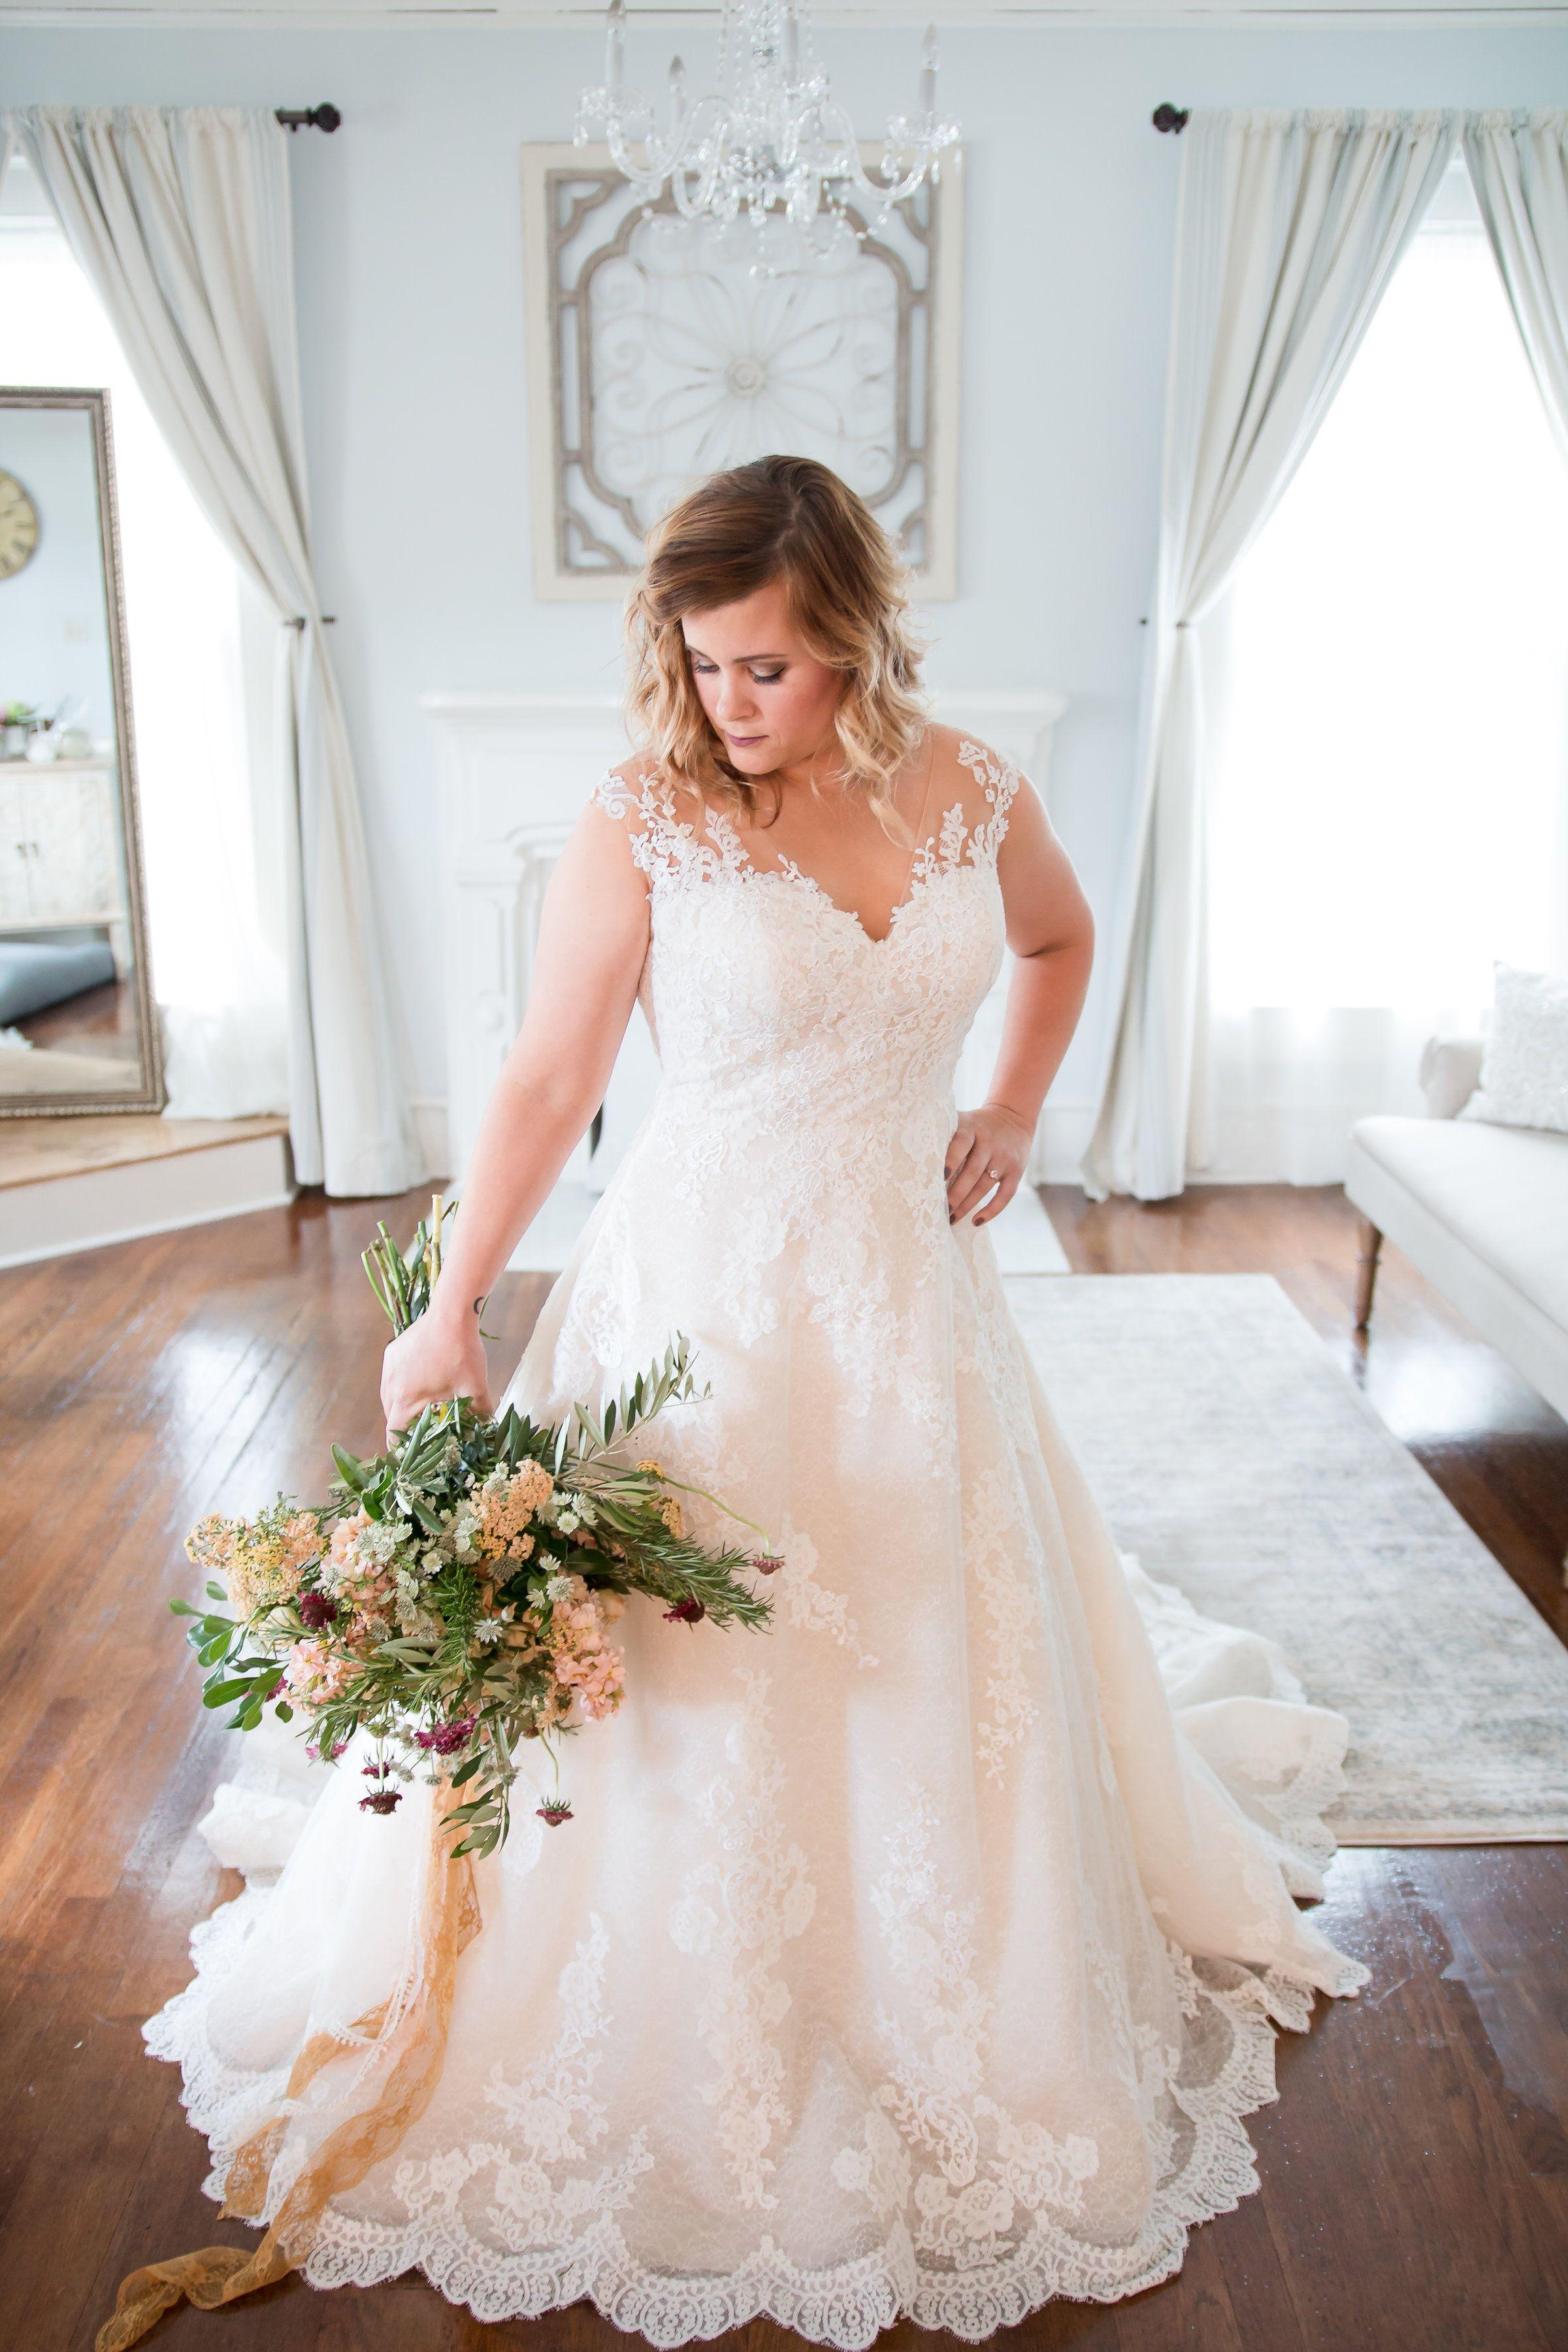 Atlanta street bridal company rose bridal company